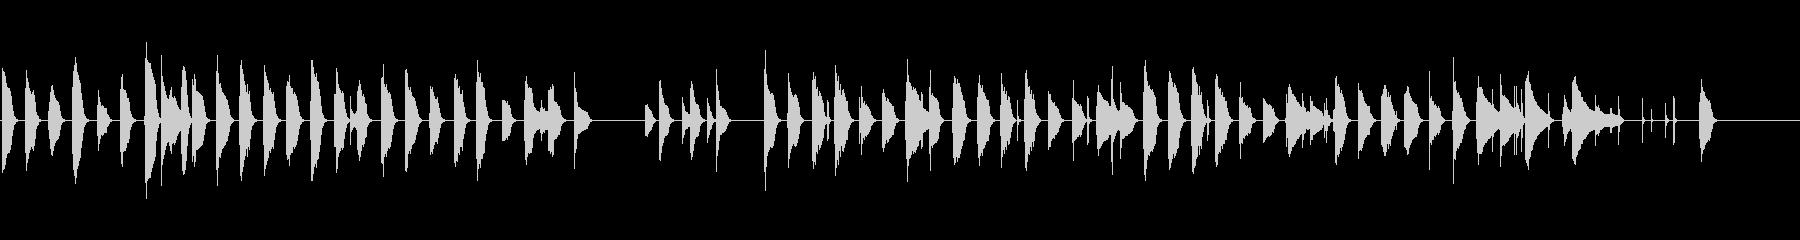 ほのぼのウクレレ ジングルの未再生の波形